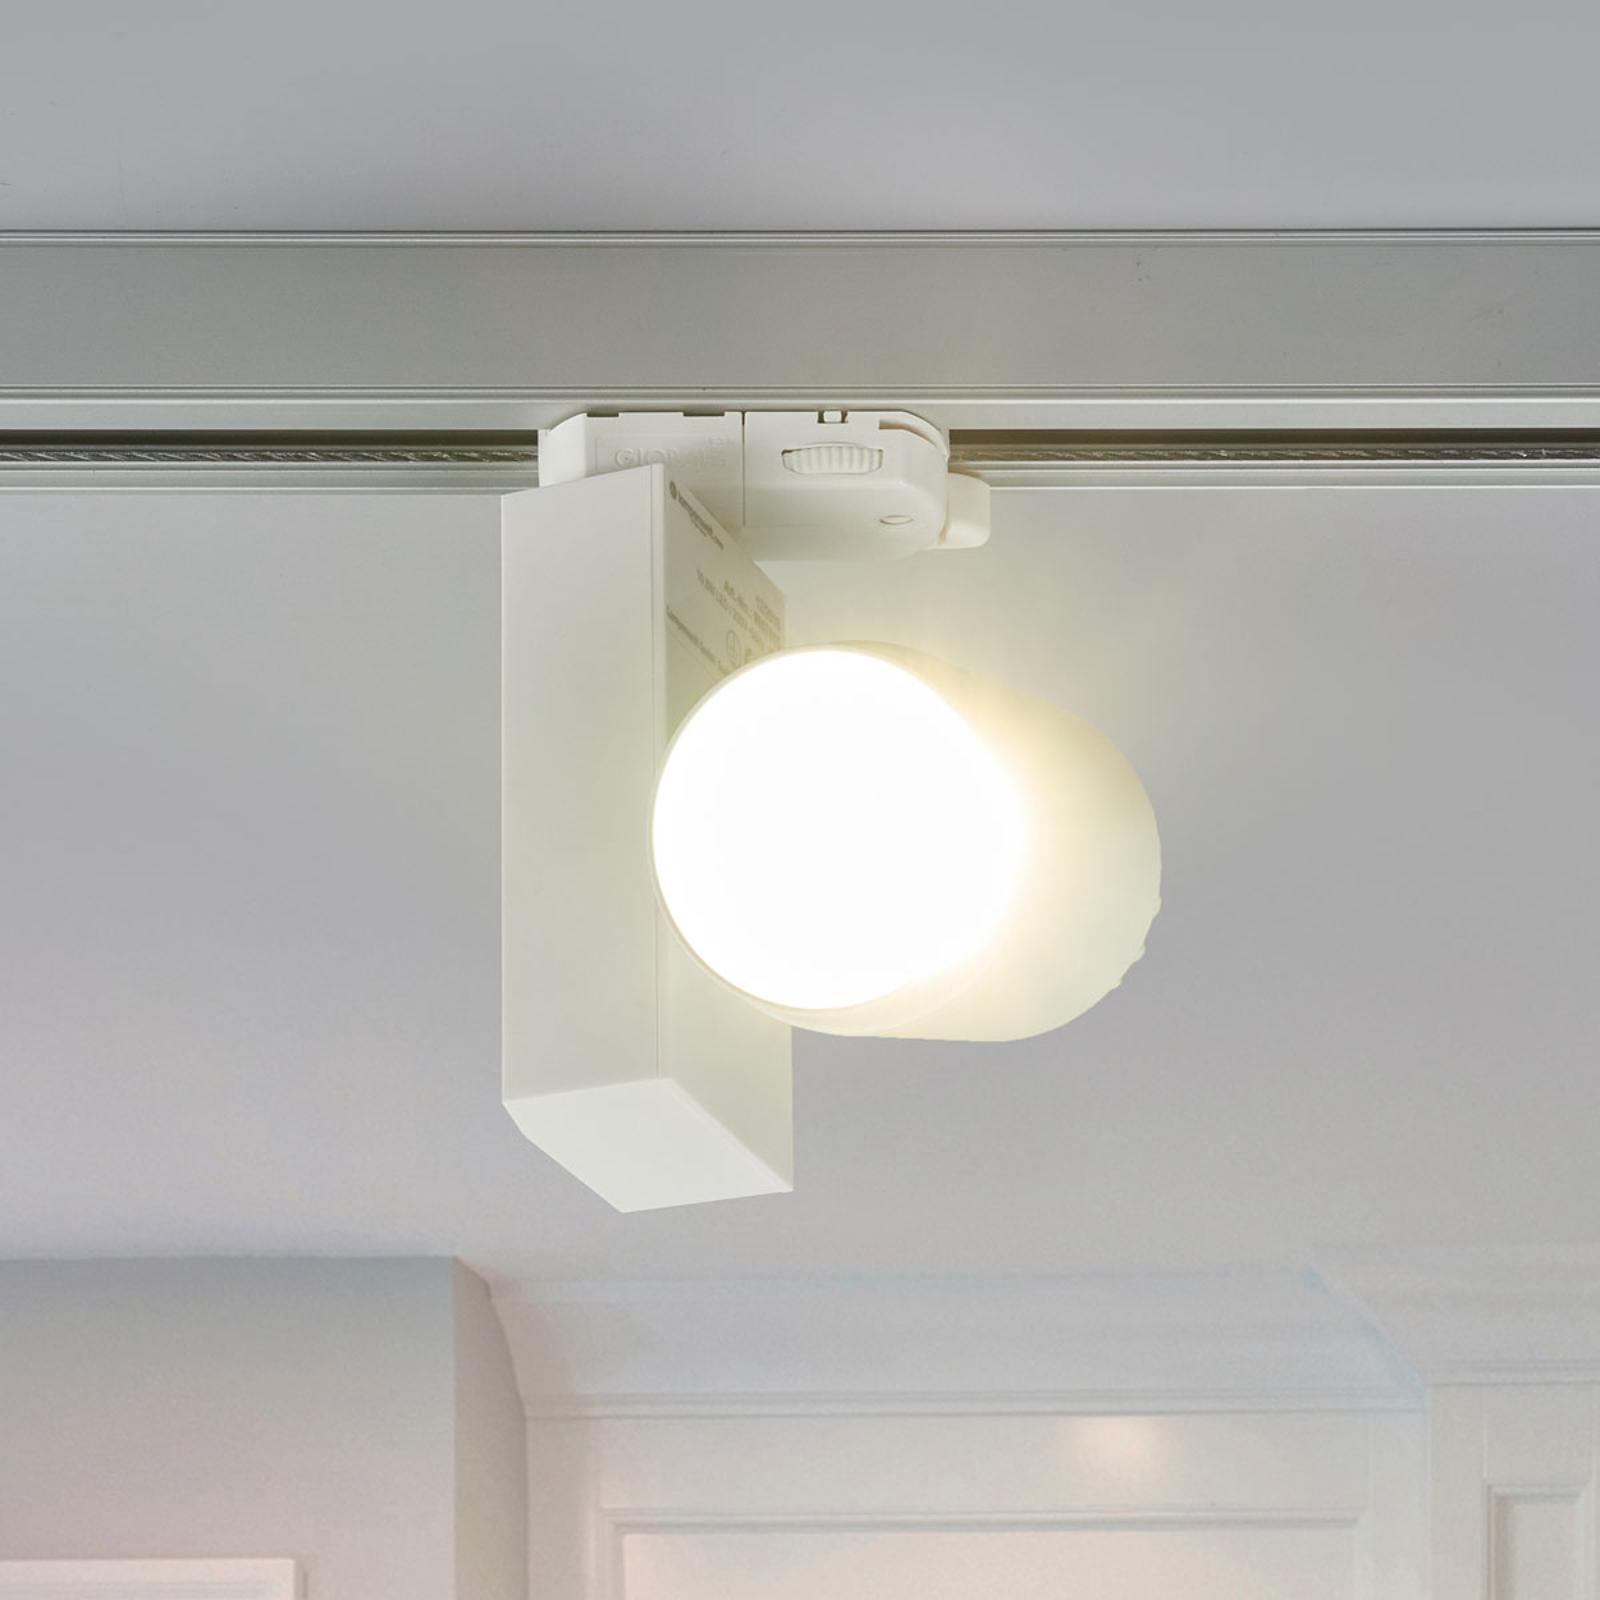 Railsysteem LED straler Niels 3-fasensysteem